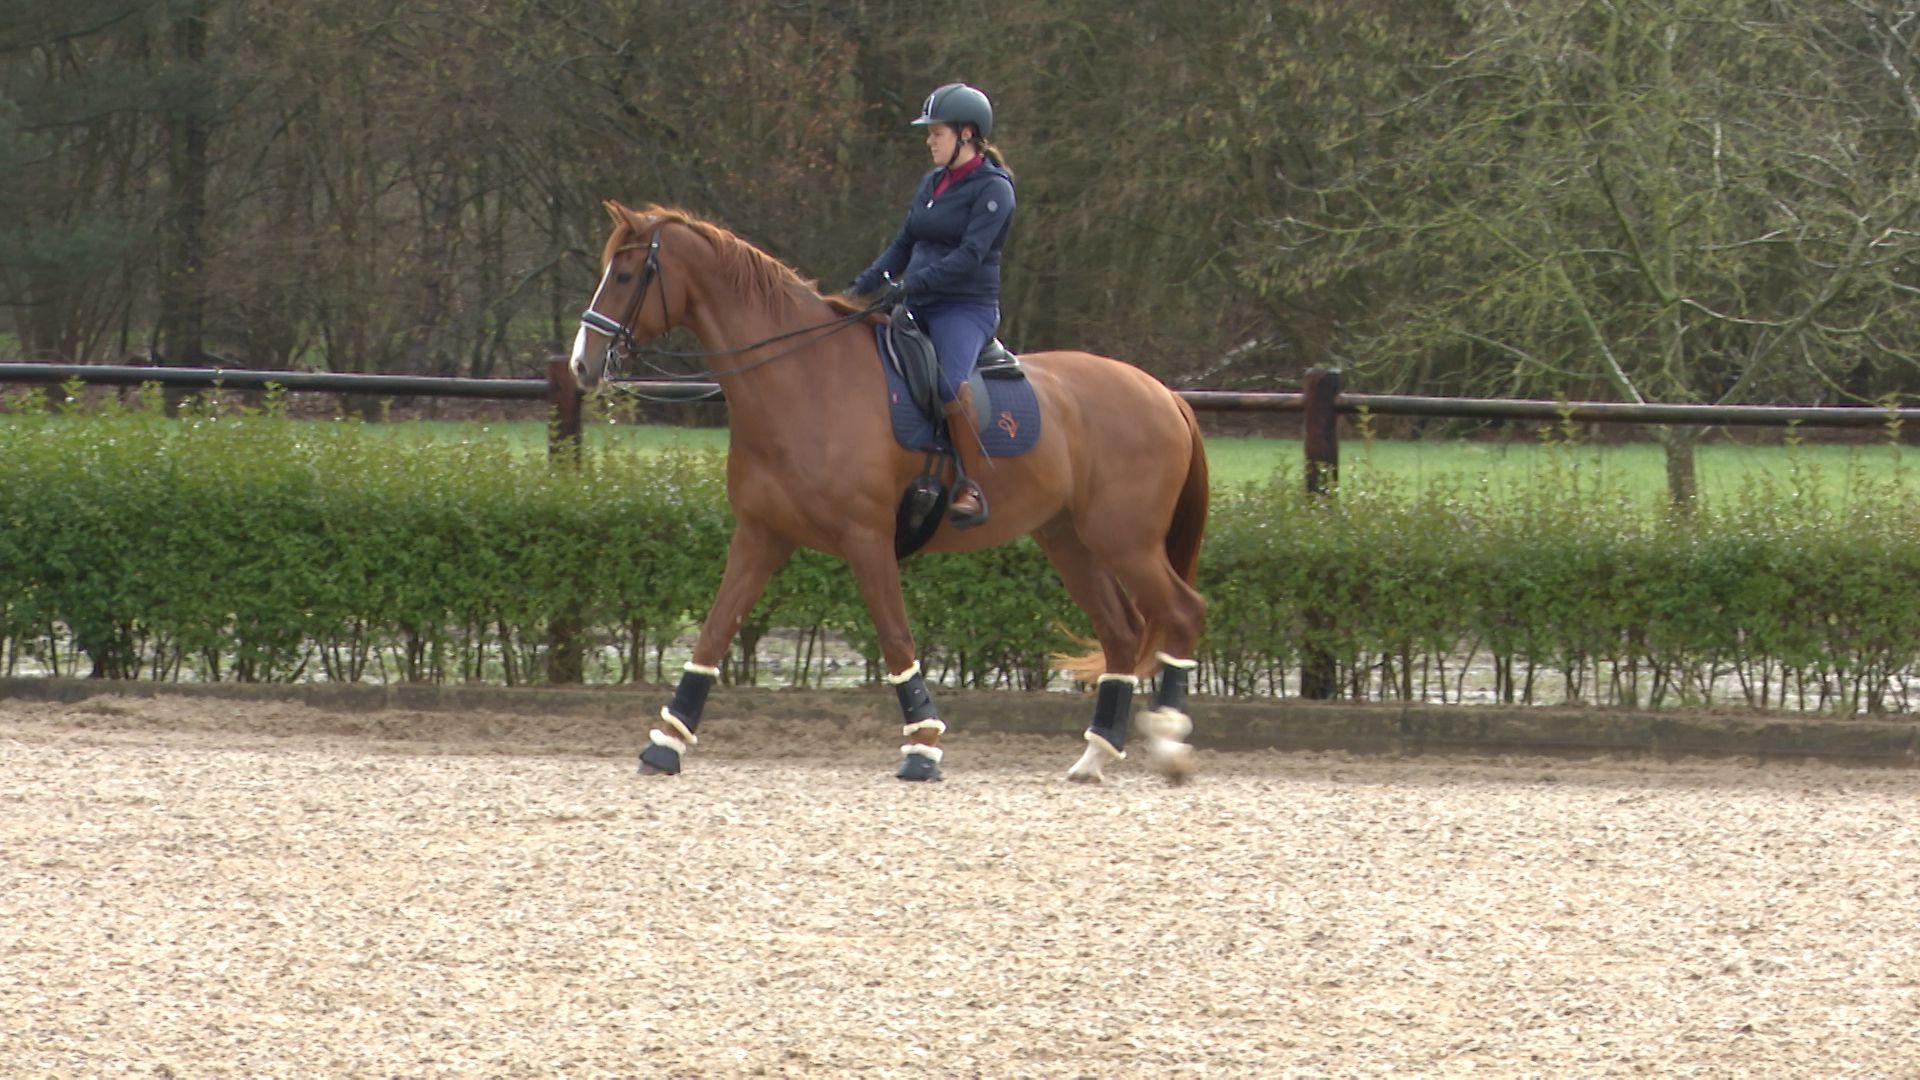 sanne voets op haar paard.jpg